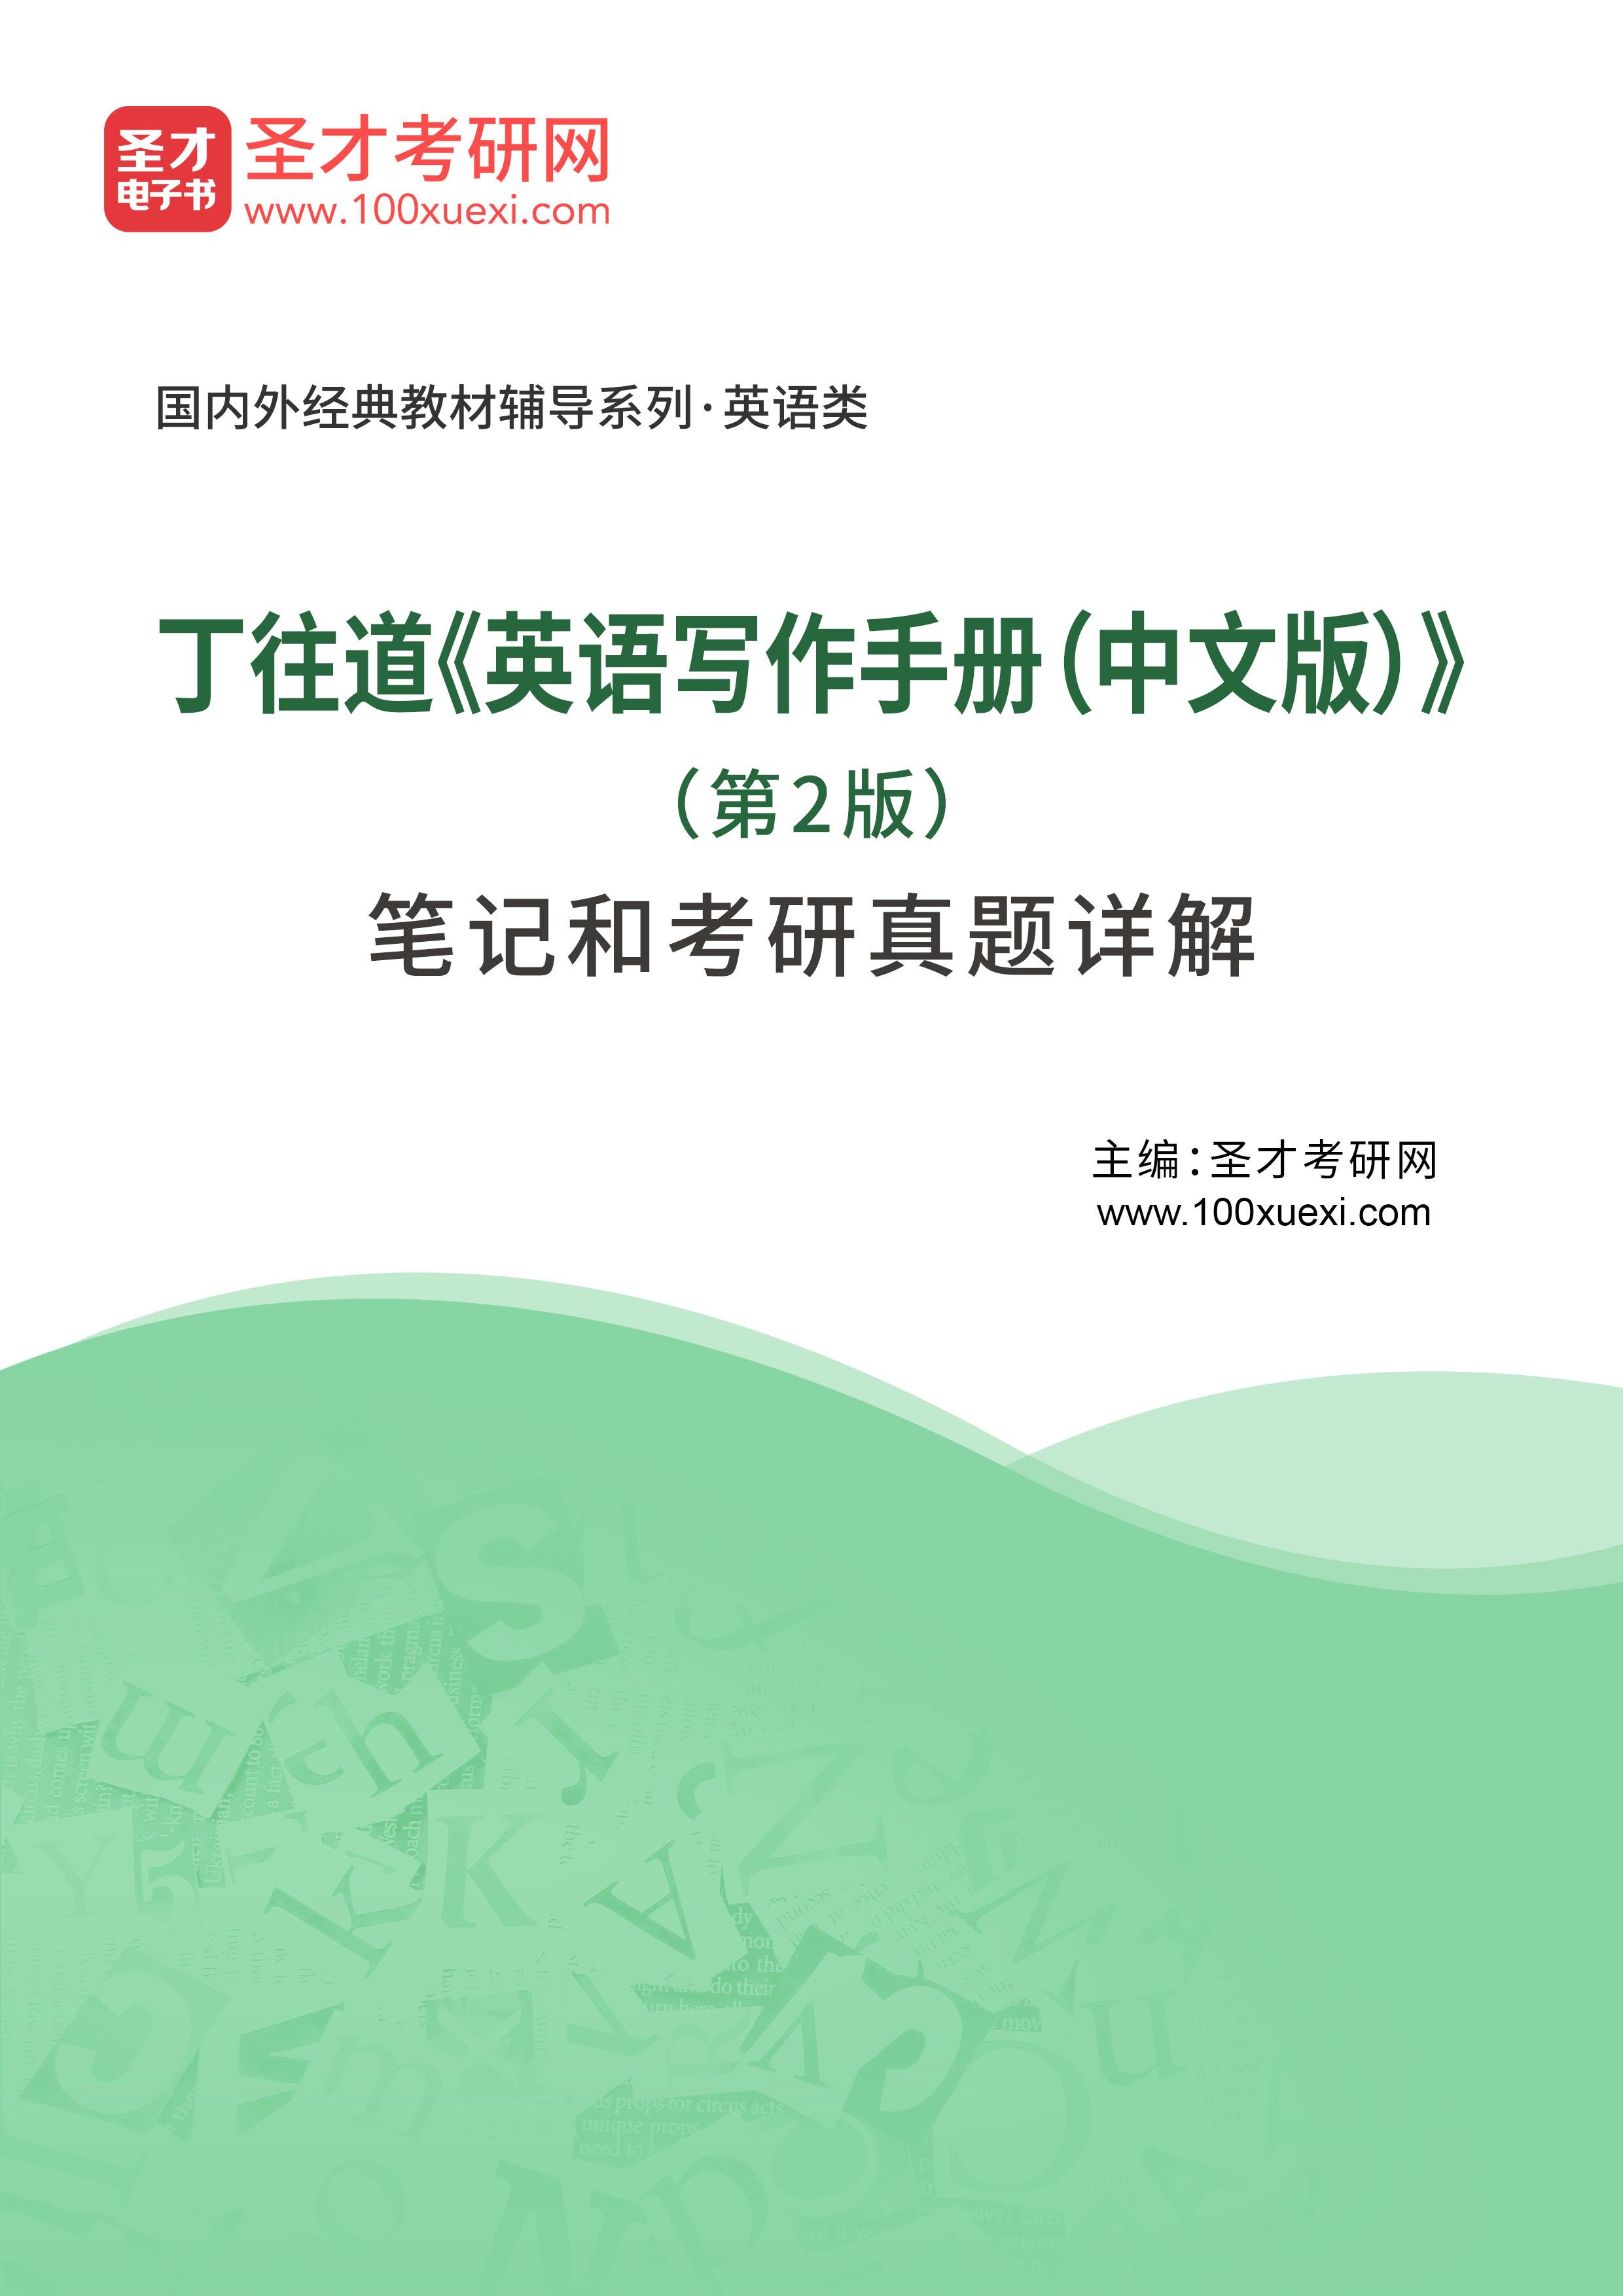 丁往道《英语写作手册(中文版)》(第2版)笔记和考研真题详解